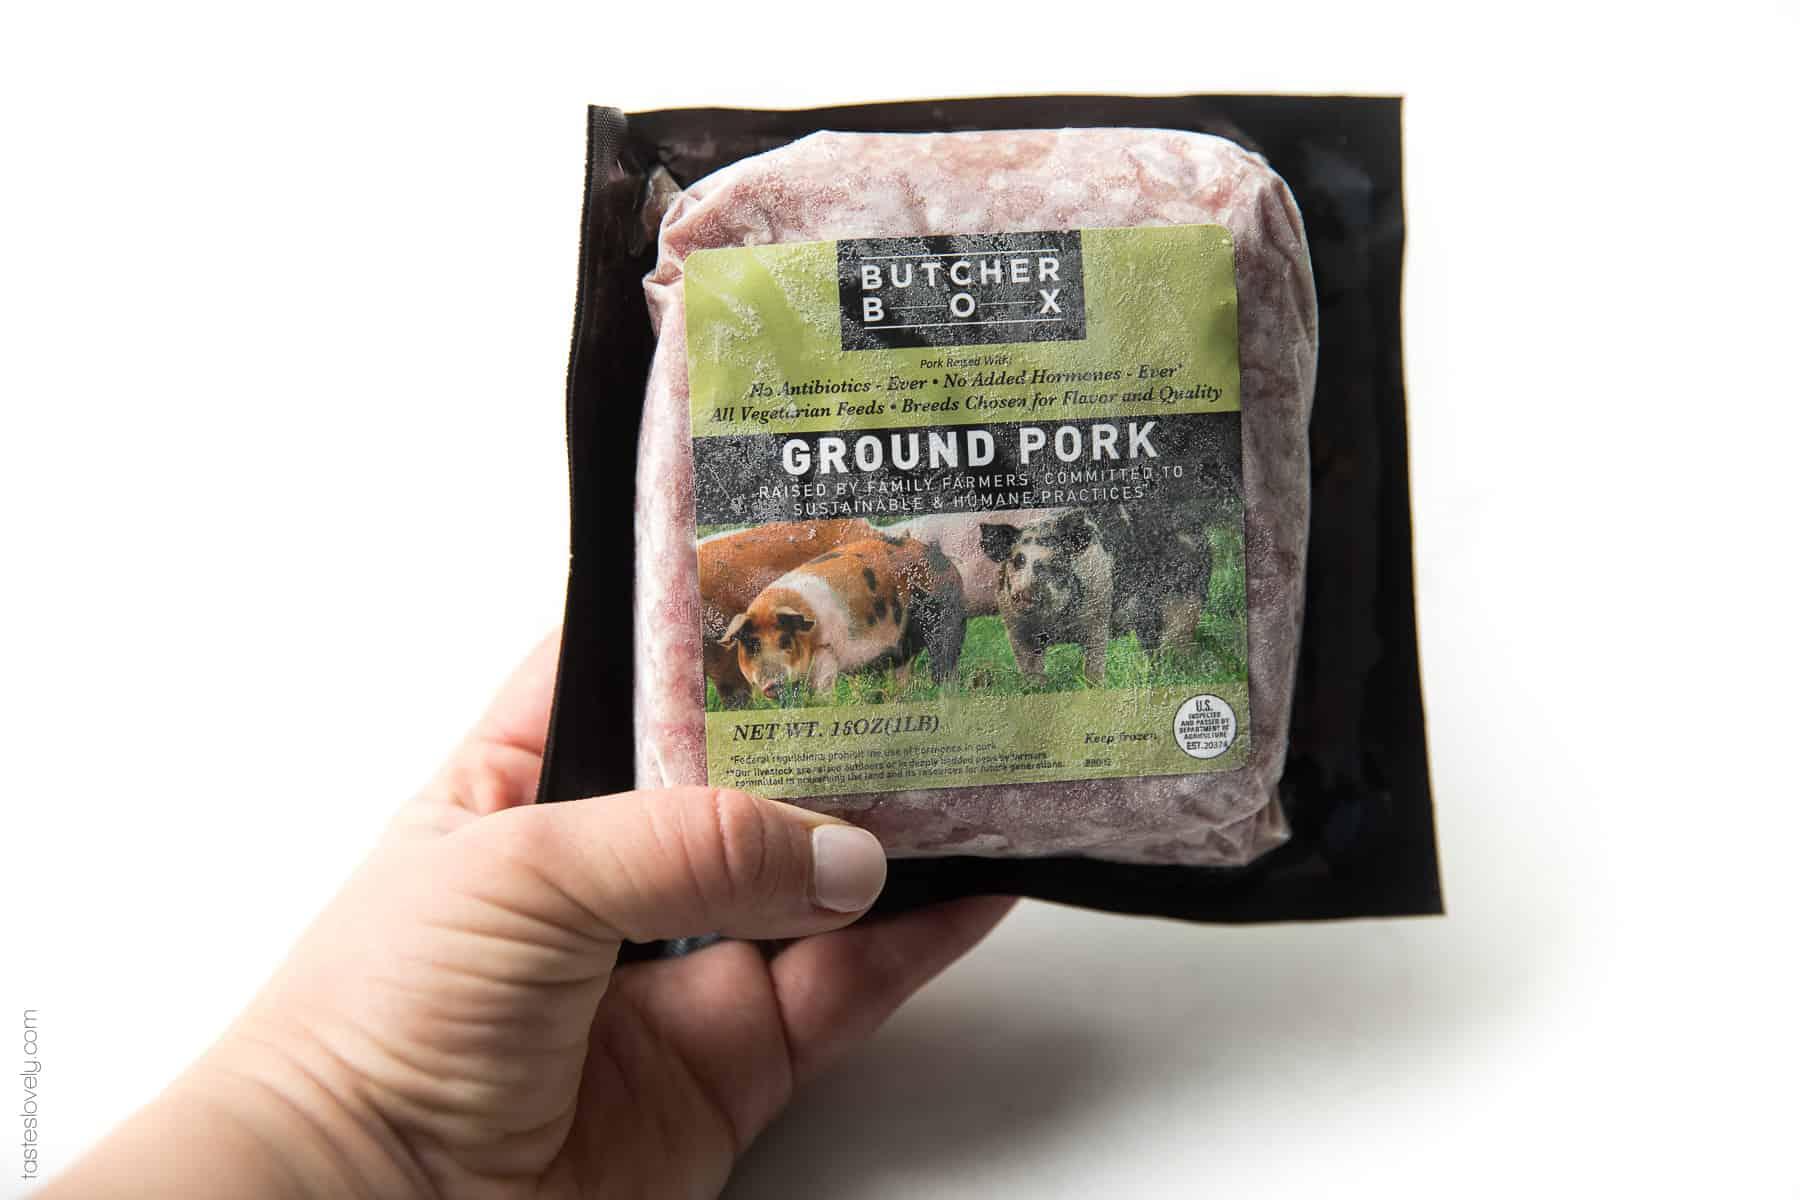 Butcherbox ground pork